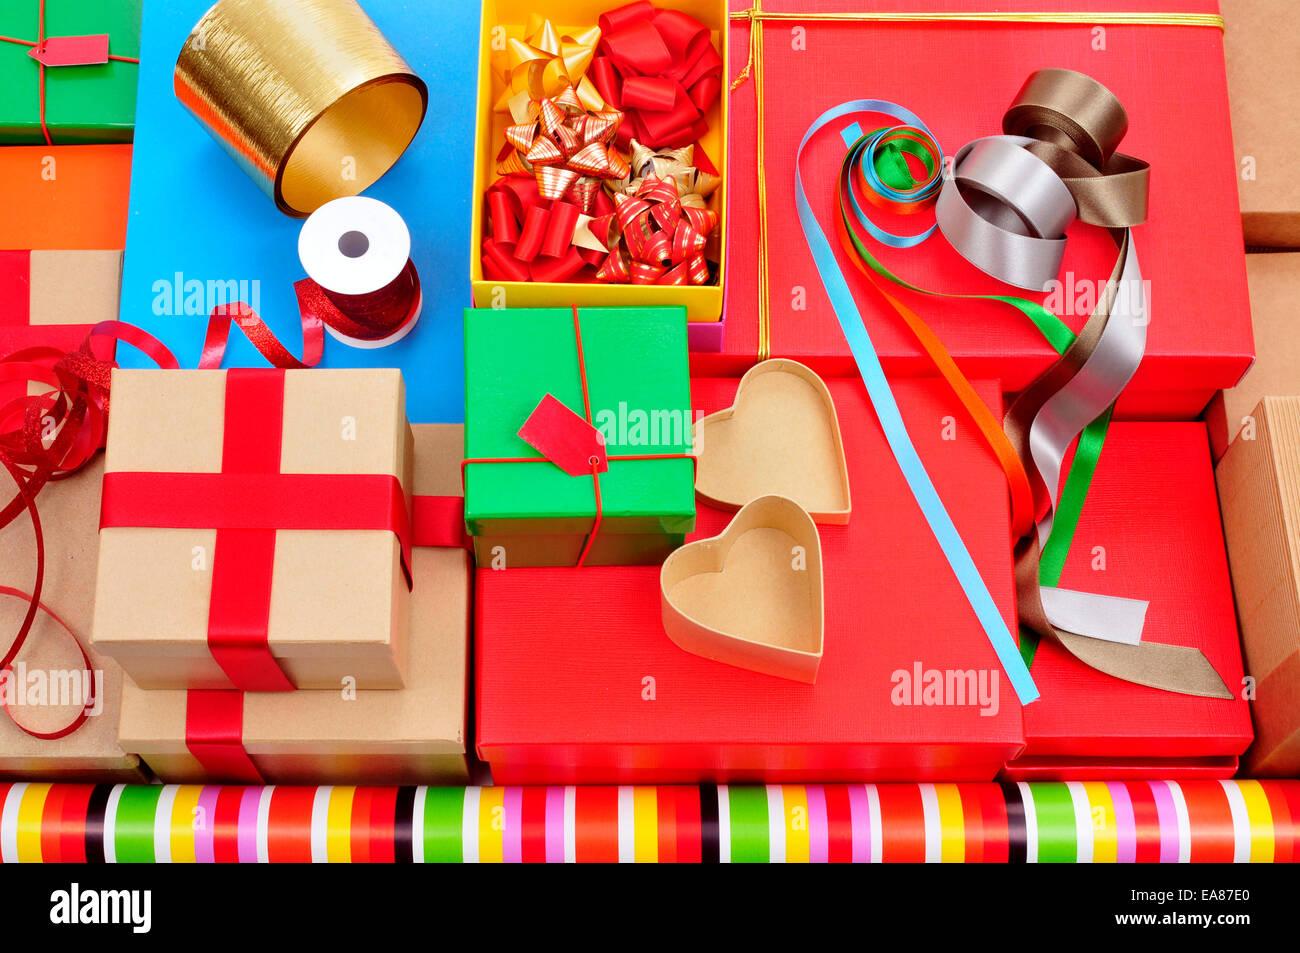 Un montón de diferentes cajas, papel de envolver, cintas y lazos de cinta de diferentes colores para preparar Imagen De Stock